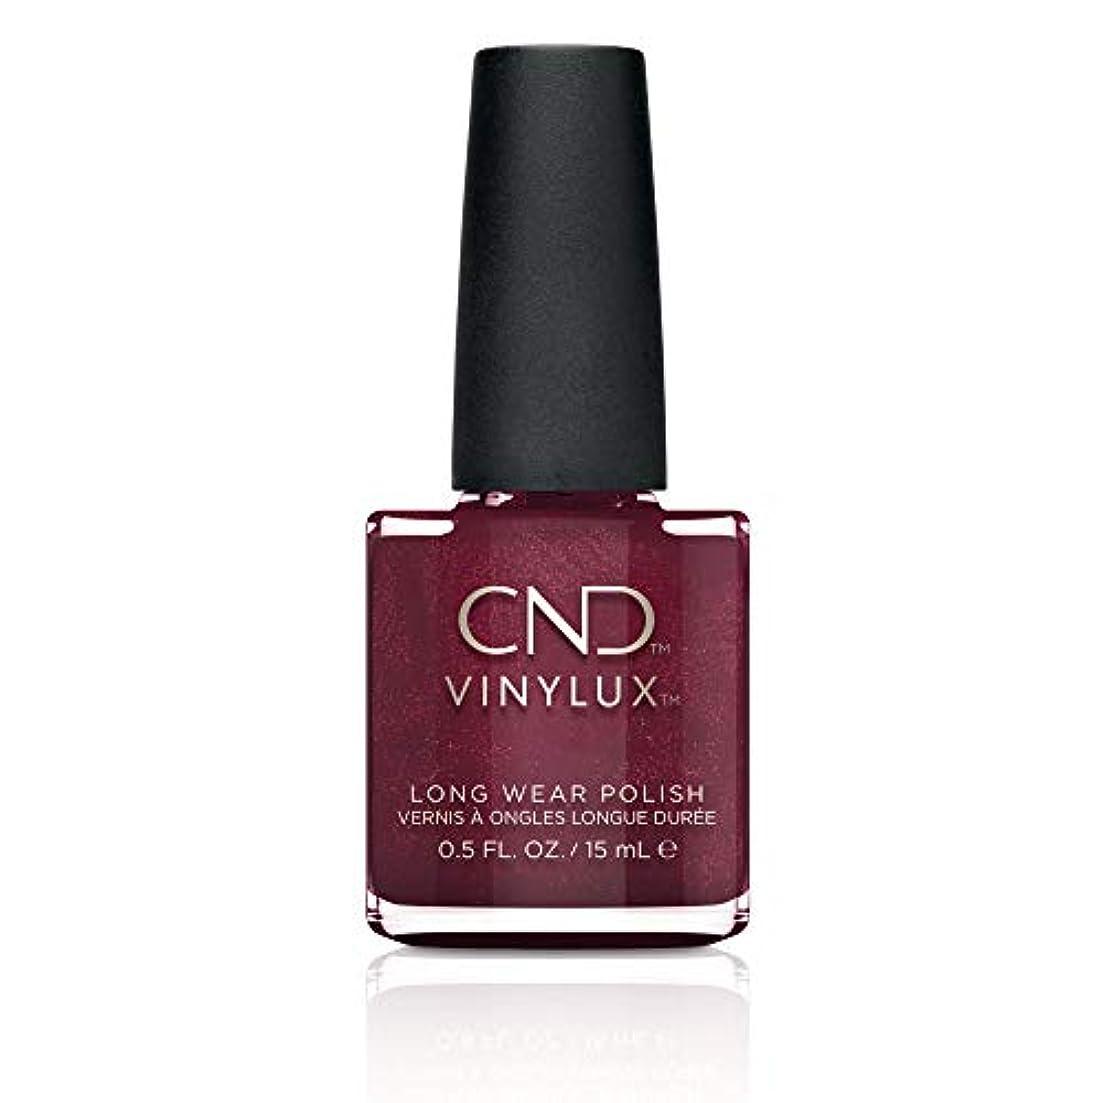 CND Vinylux Weekly Polish Collezione Modern Folklore Colore 174 Crimson Sash 15ml